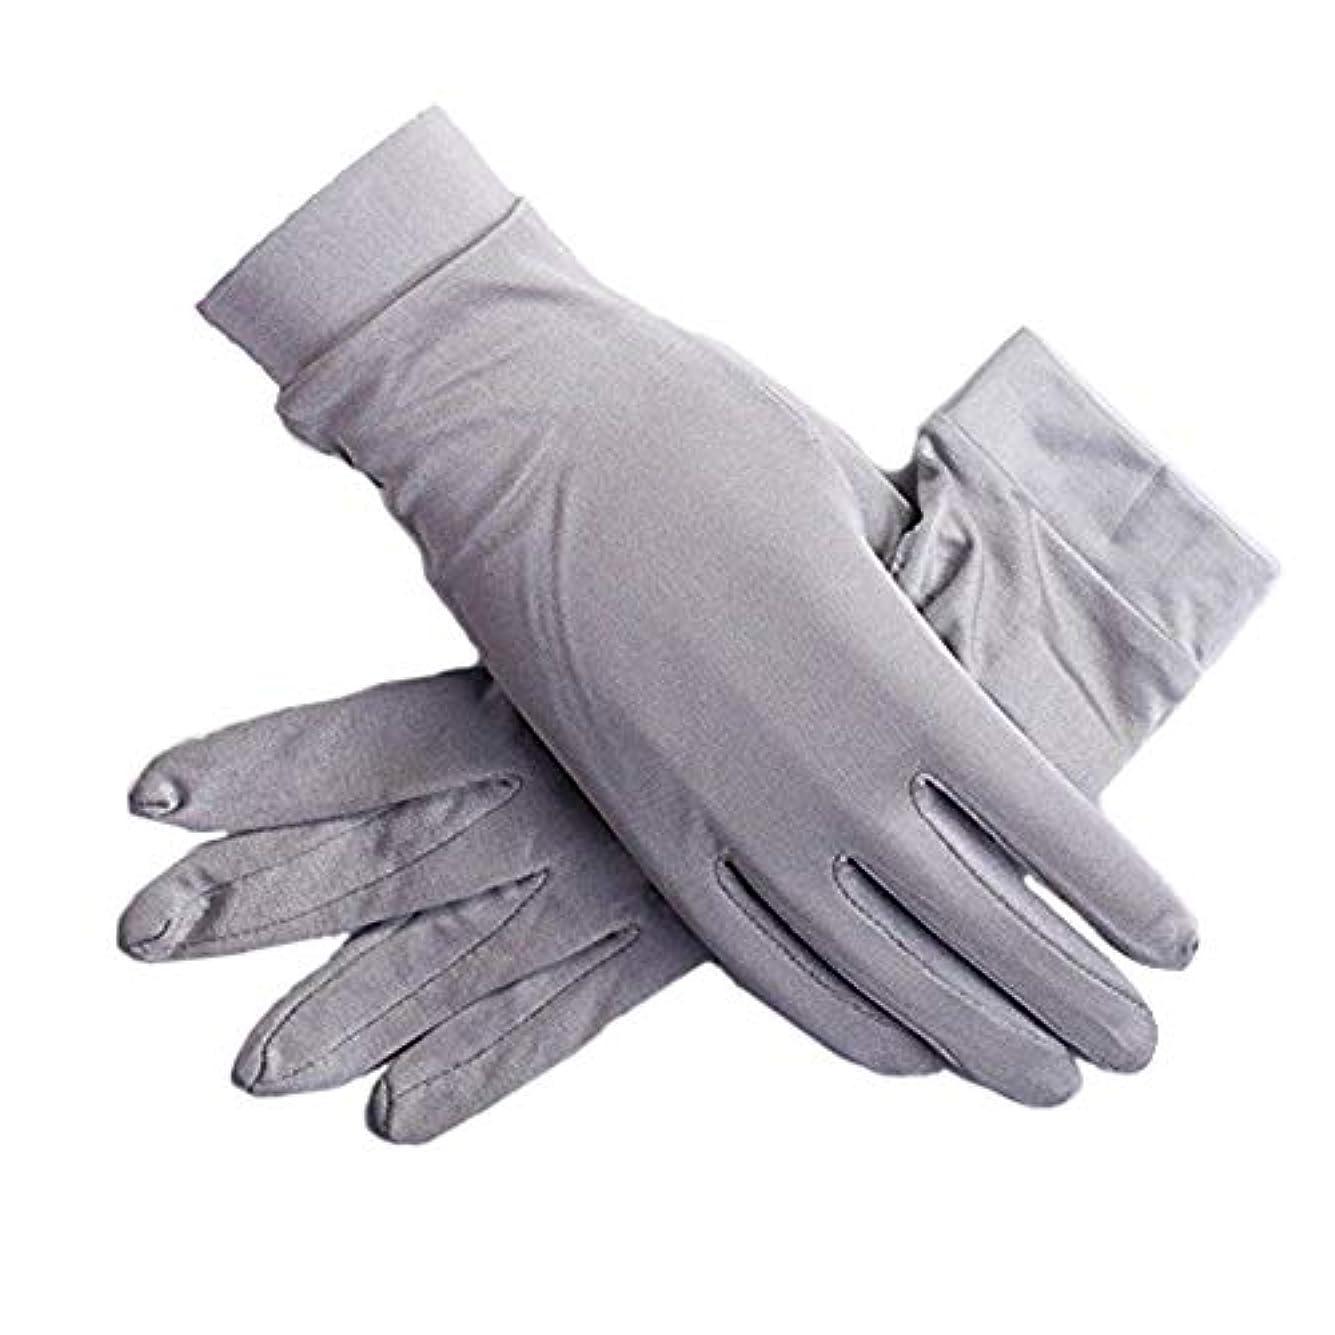 欠席友情キャプテンメンズ シルク手袋 手袋 シルク おやすみ 手触り夏 ハンド ケア レディース日焼け防止 が良い 紫外線 保湿